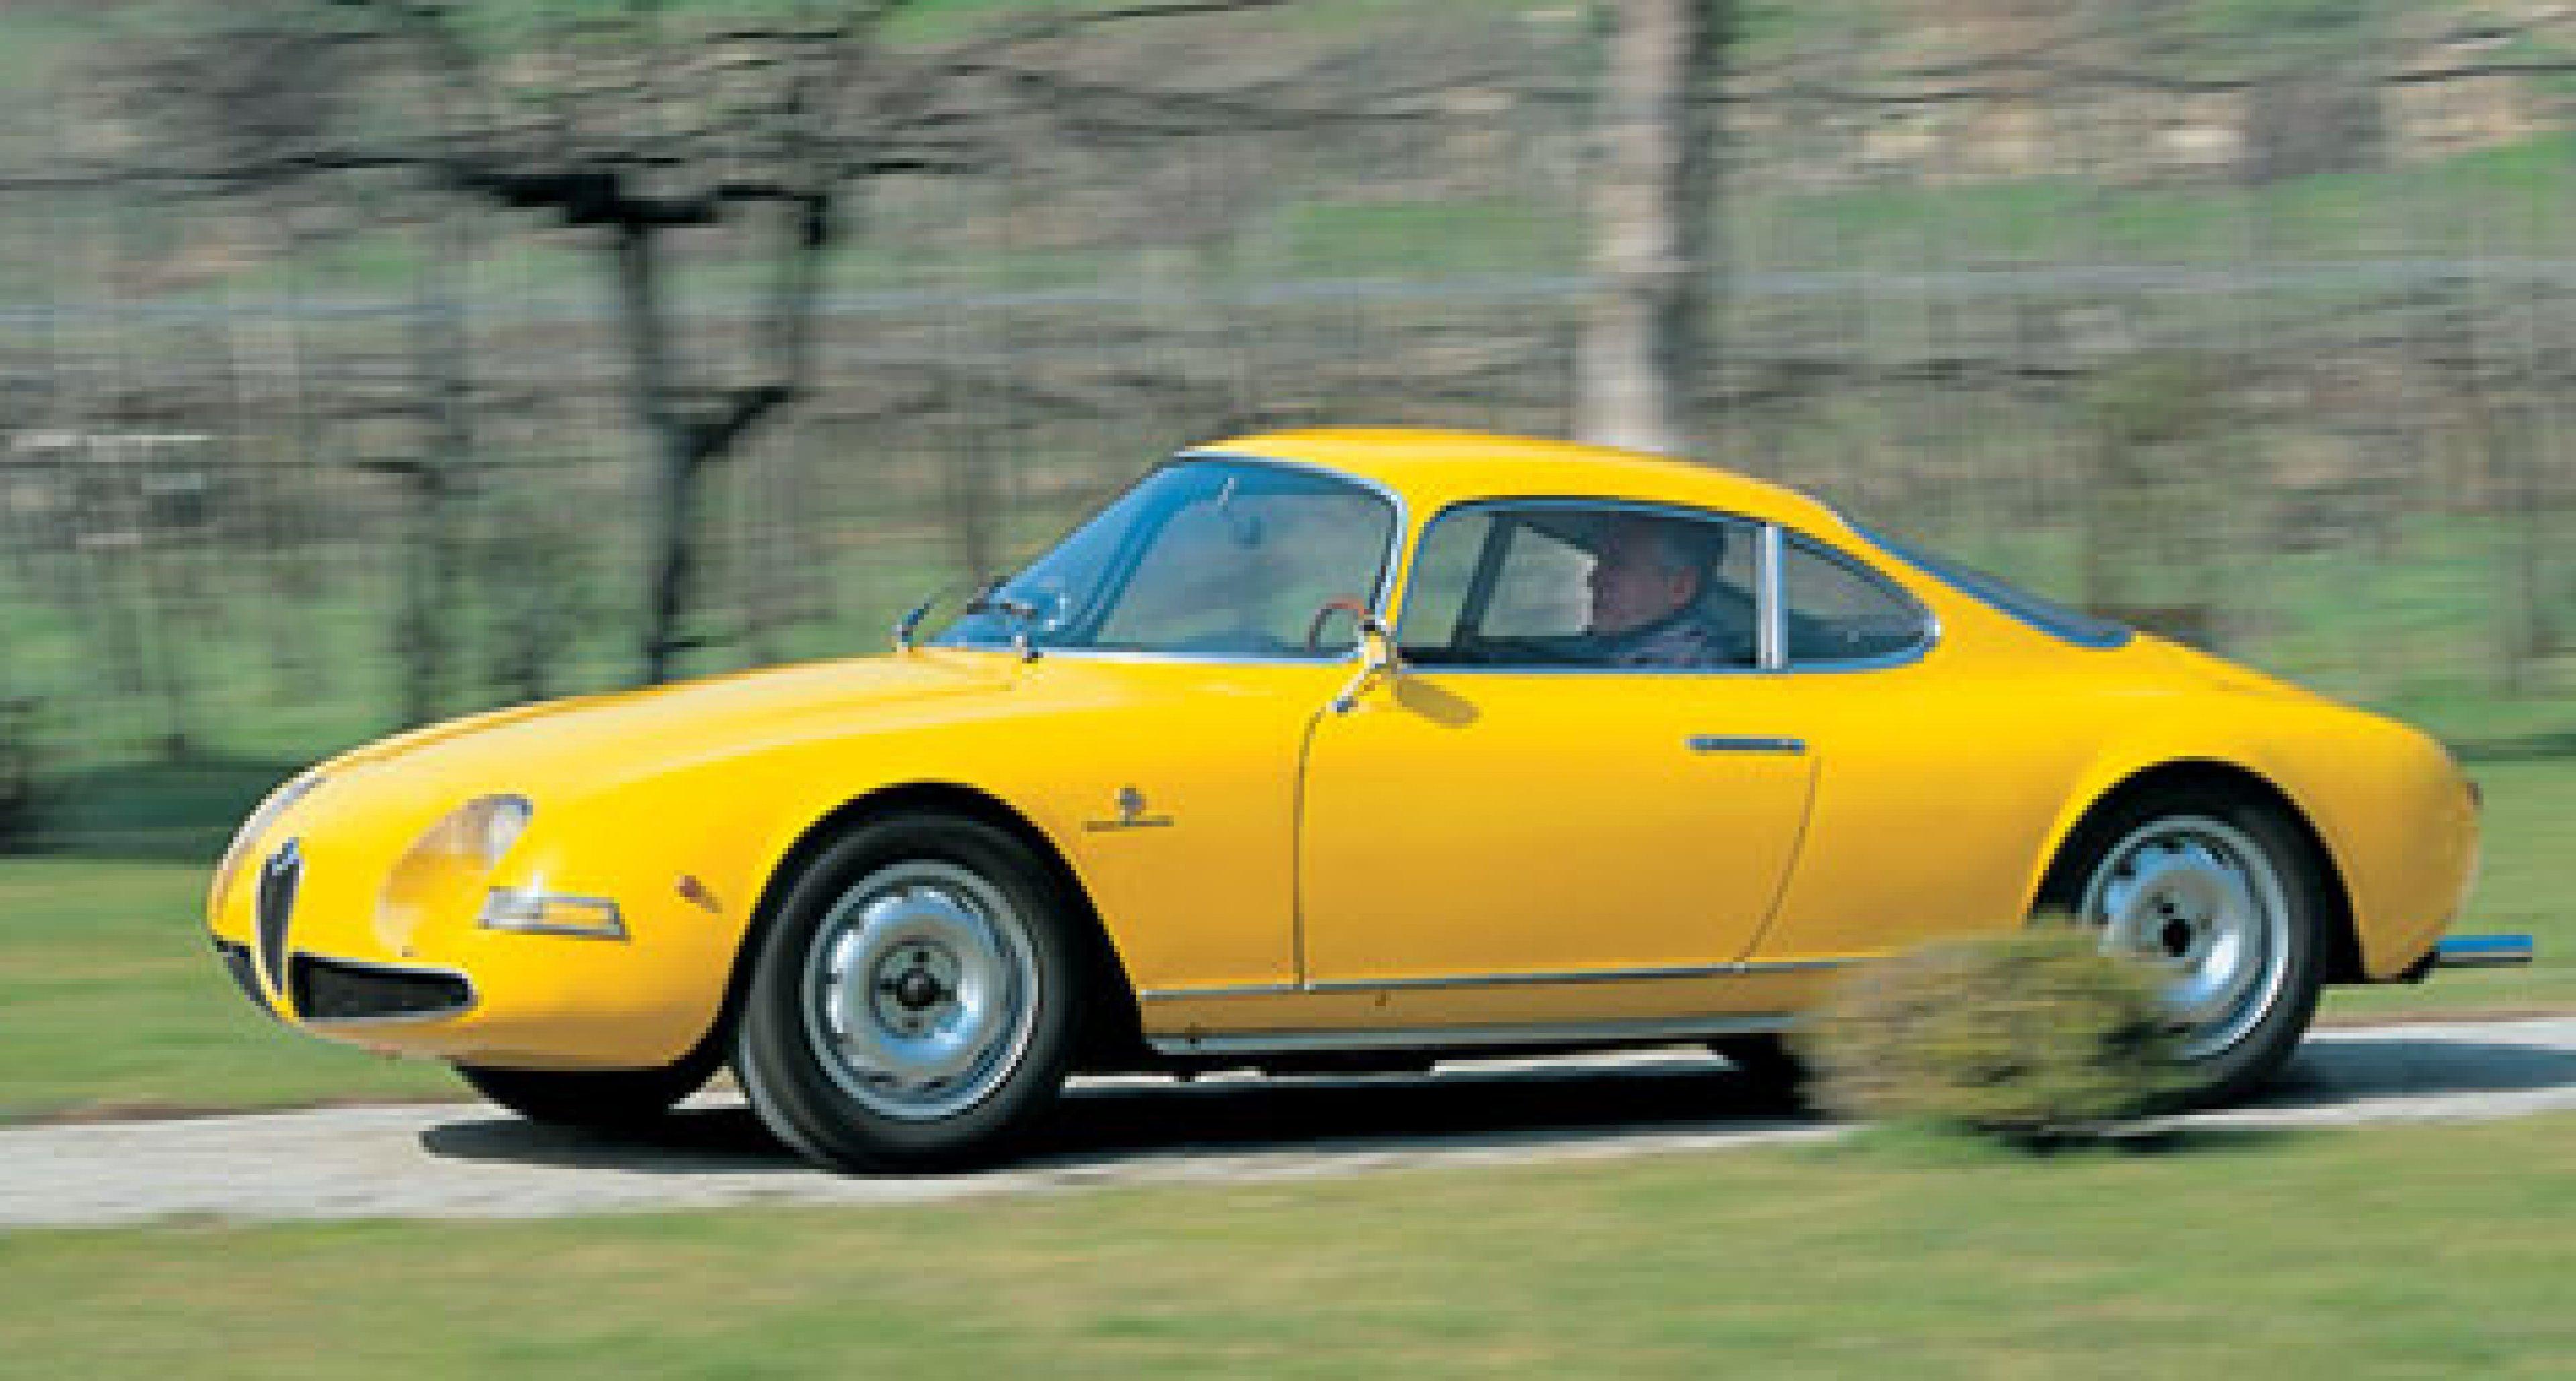 Alfa Romeo 'Goccia'